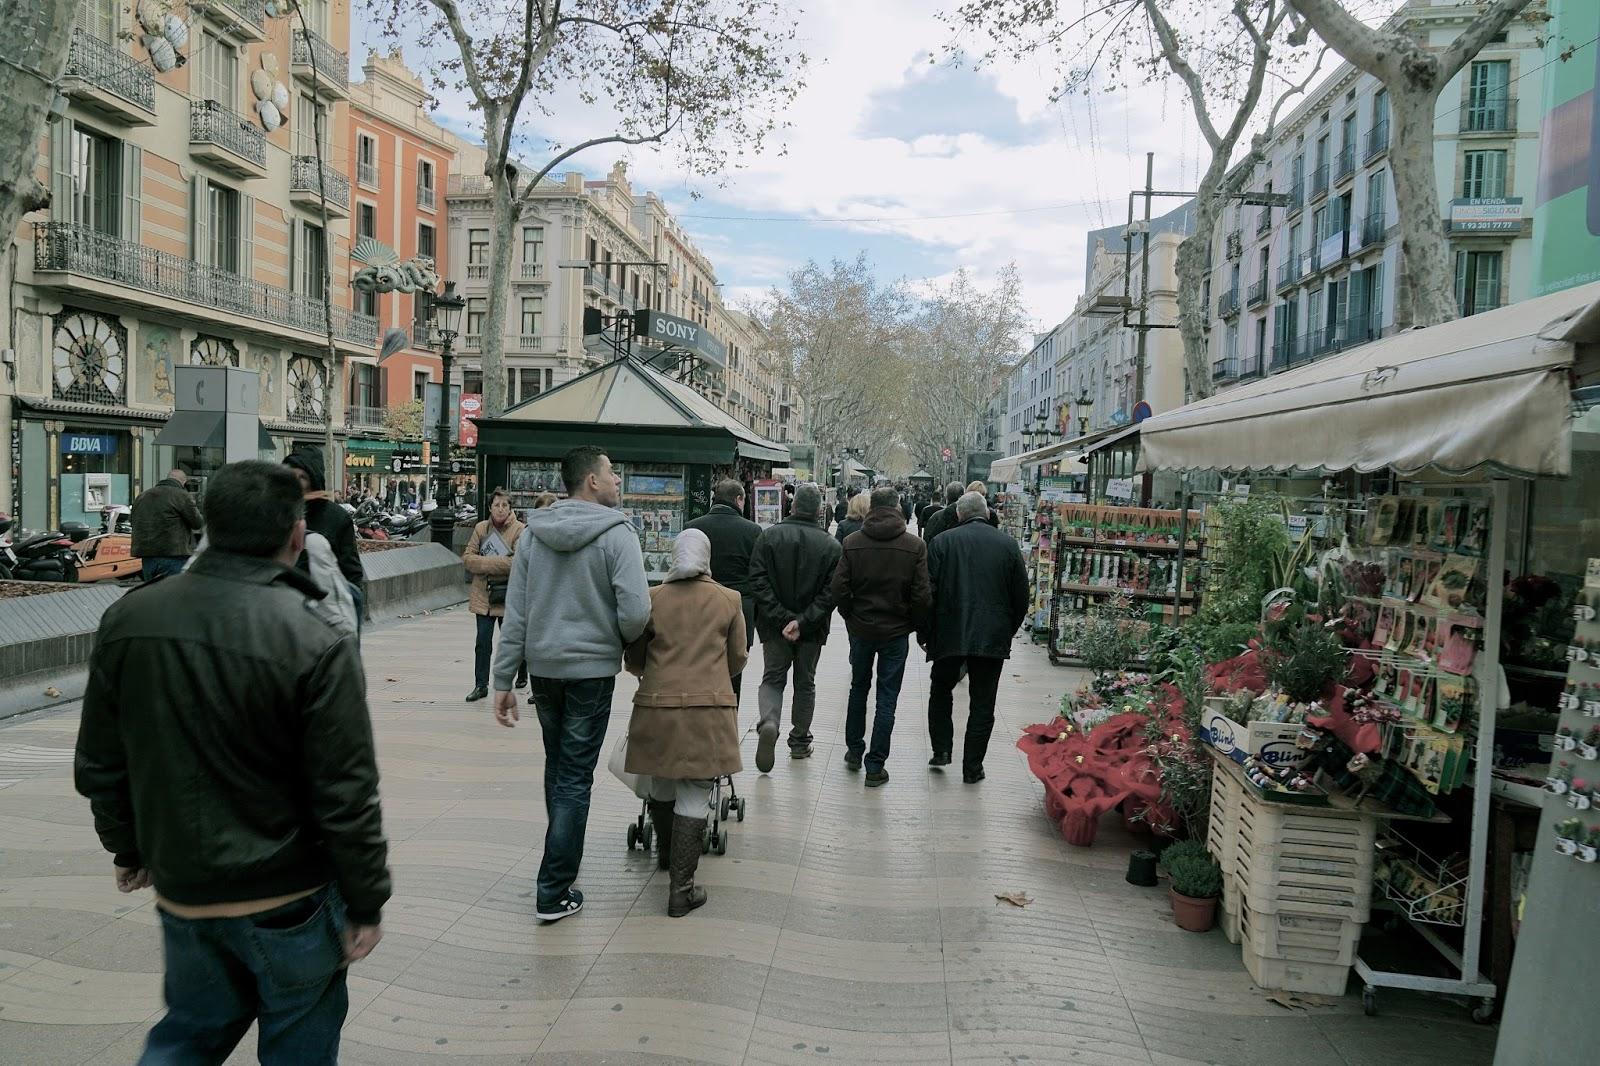 ランブラス通り(La Rambla)